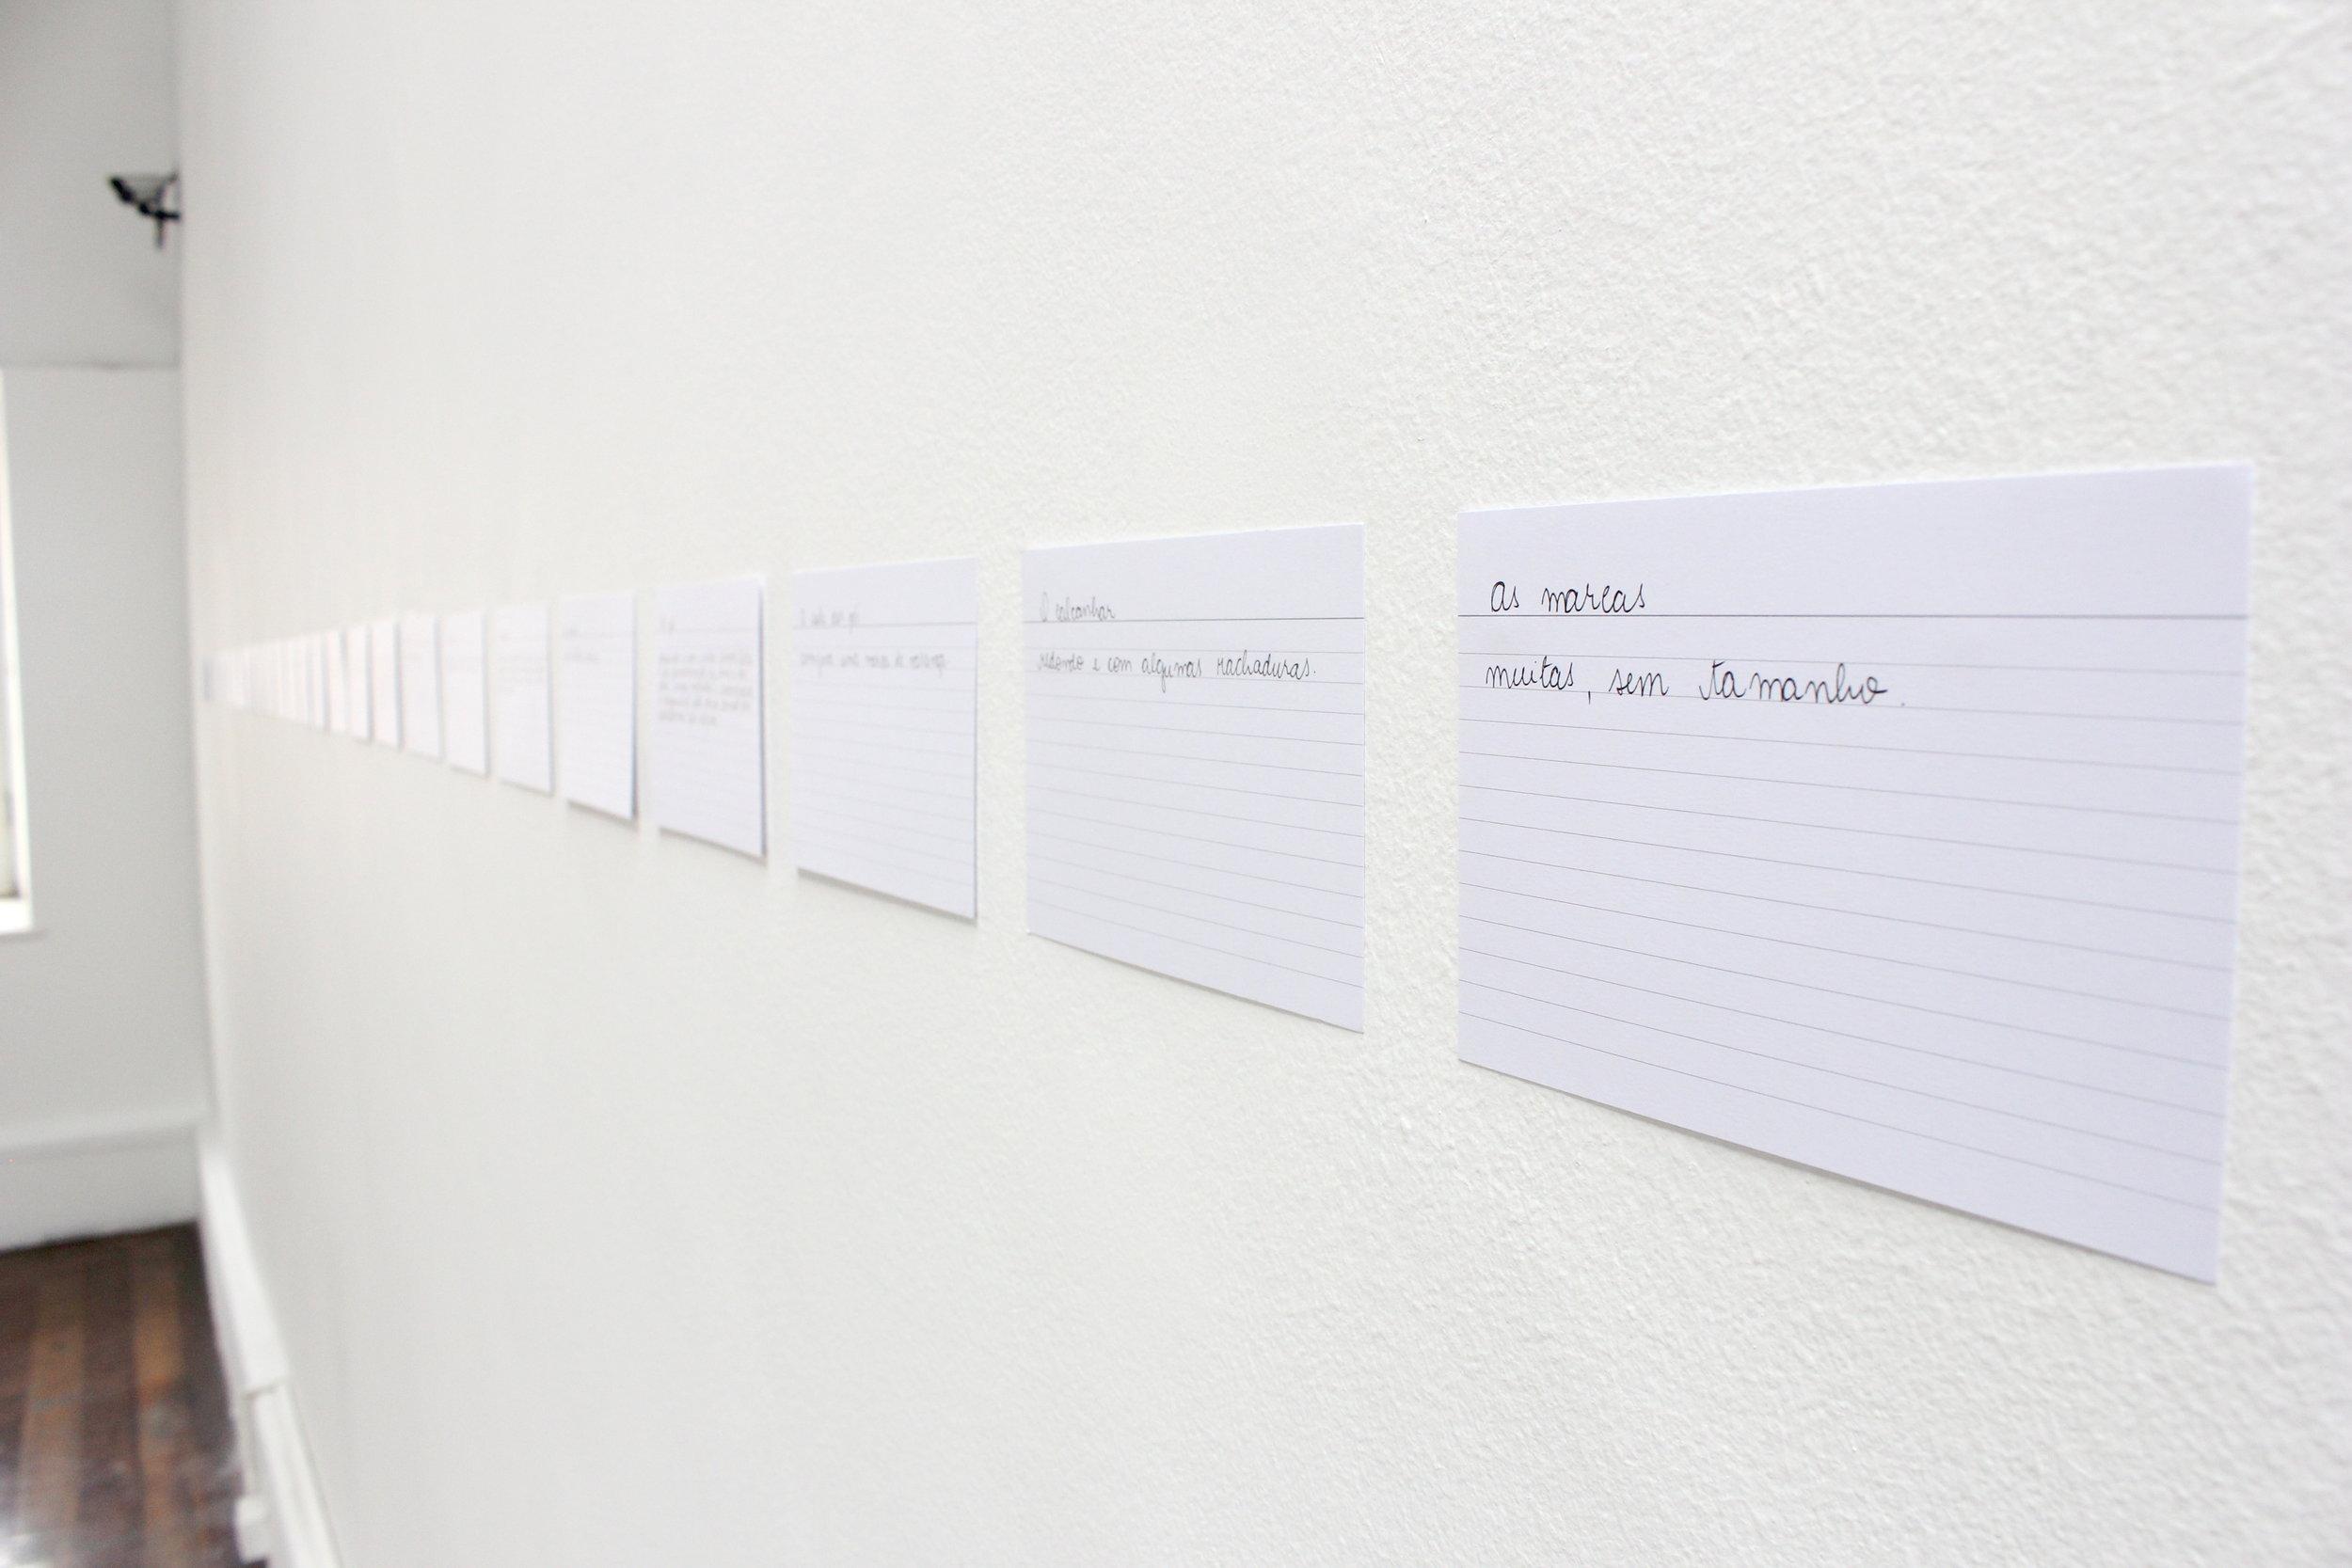 Ana Hortides_Estudo para mae I_2015__foto da mostra Casa de Infancia_Centro de Artes Helio Oiticica 2016 RJ.JPG